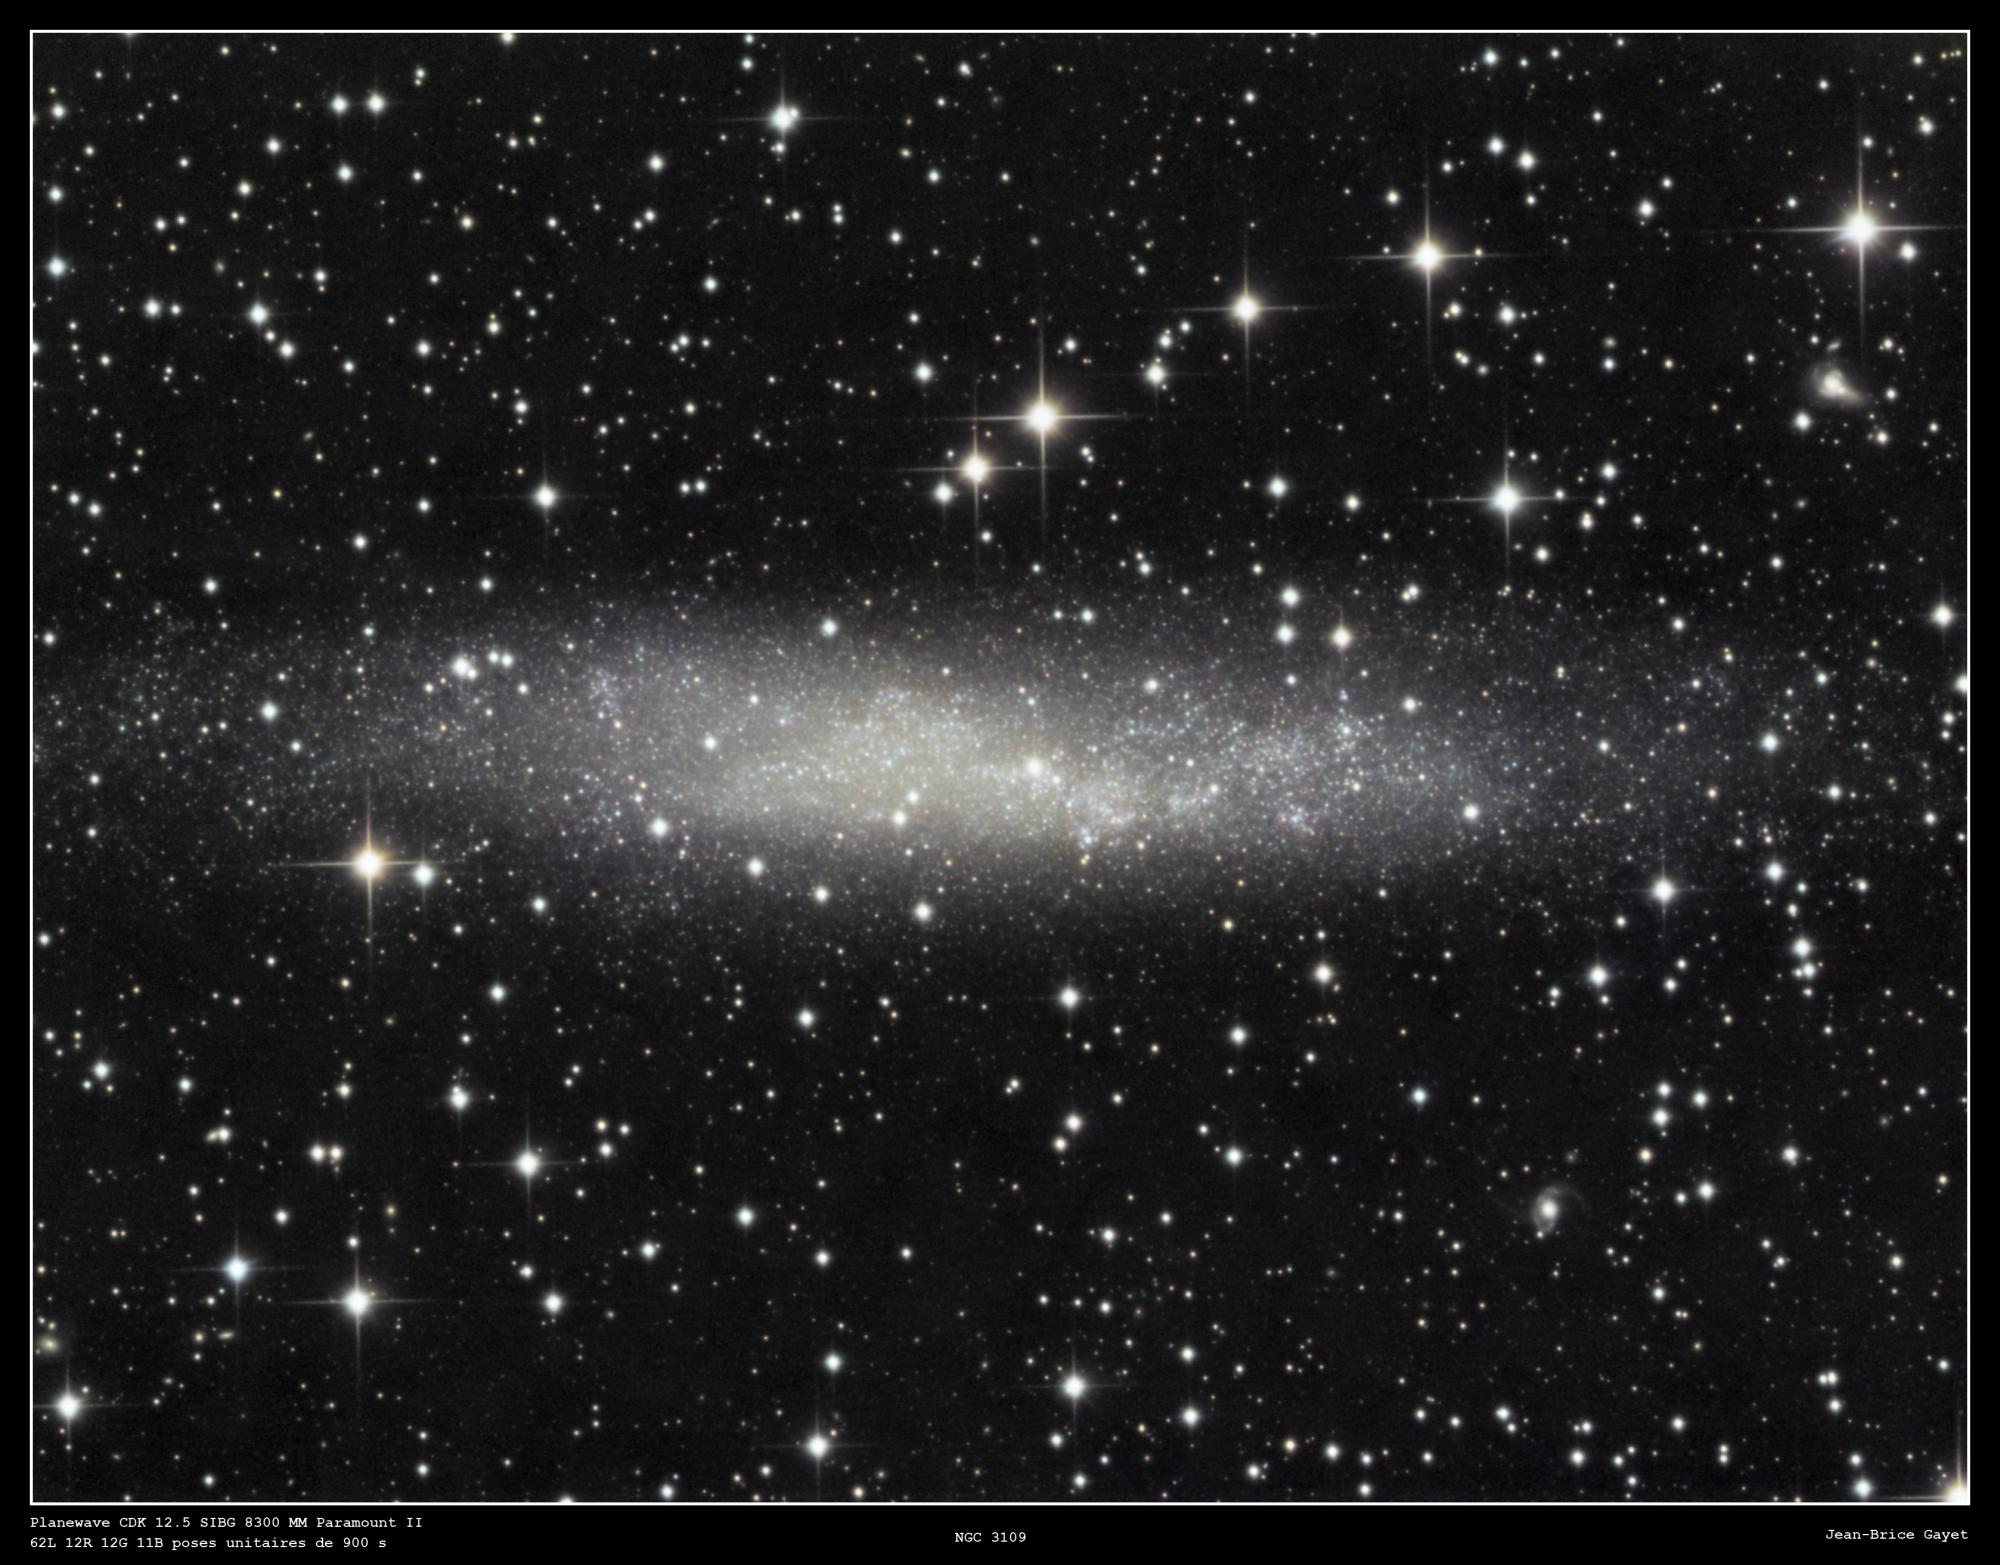 NGC_3109_V2.thumb.png.6d4aebe0351ffe7e7335b02b28261b8d.png